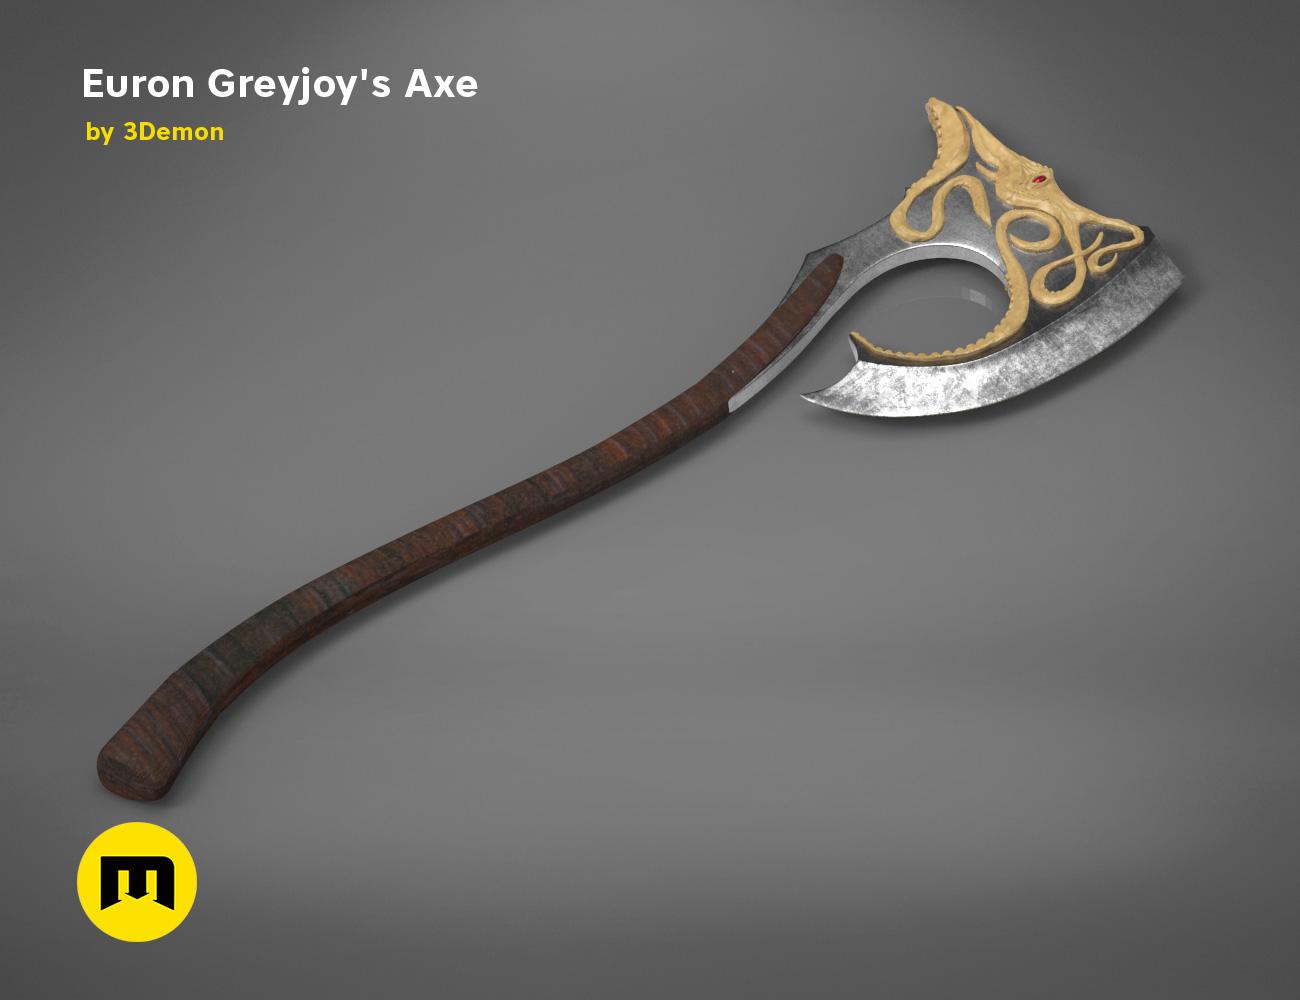 axe-gameofthrones-render.977.jpg Download OBJ file Euron Greyjoy's Axe • 3D printable object, 3D-mon